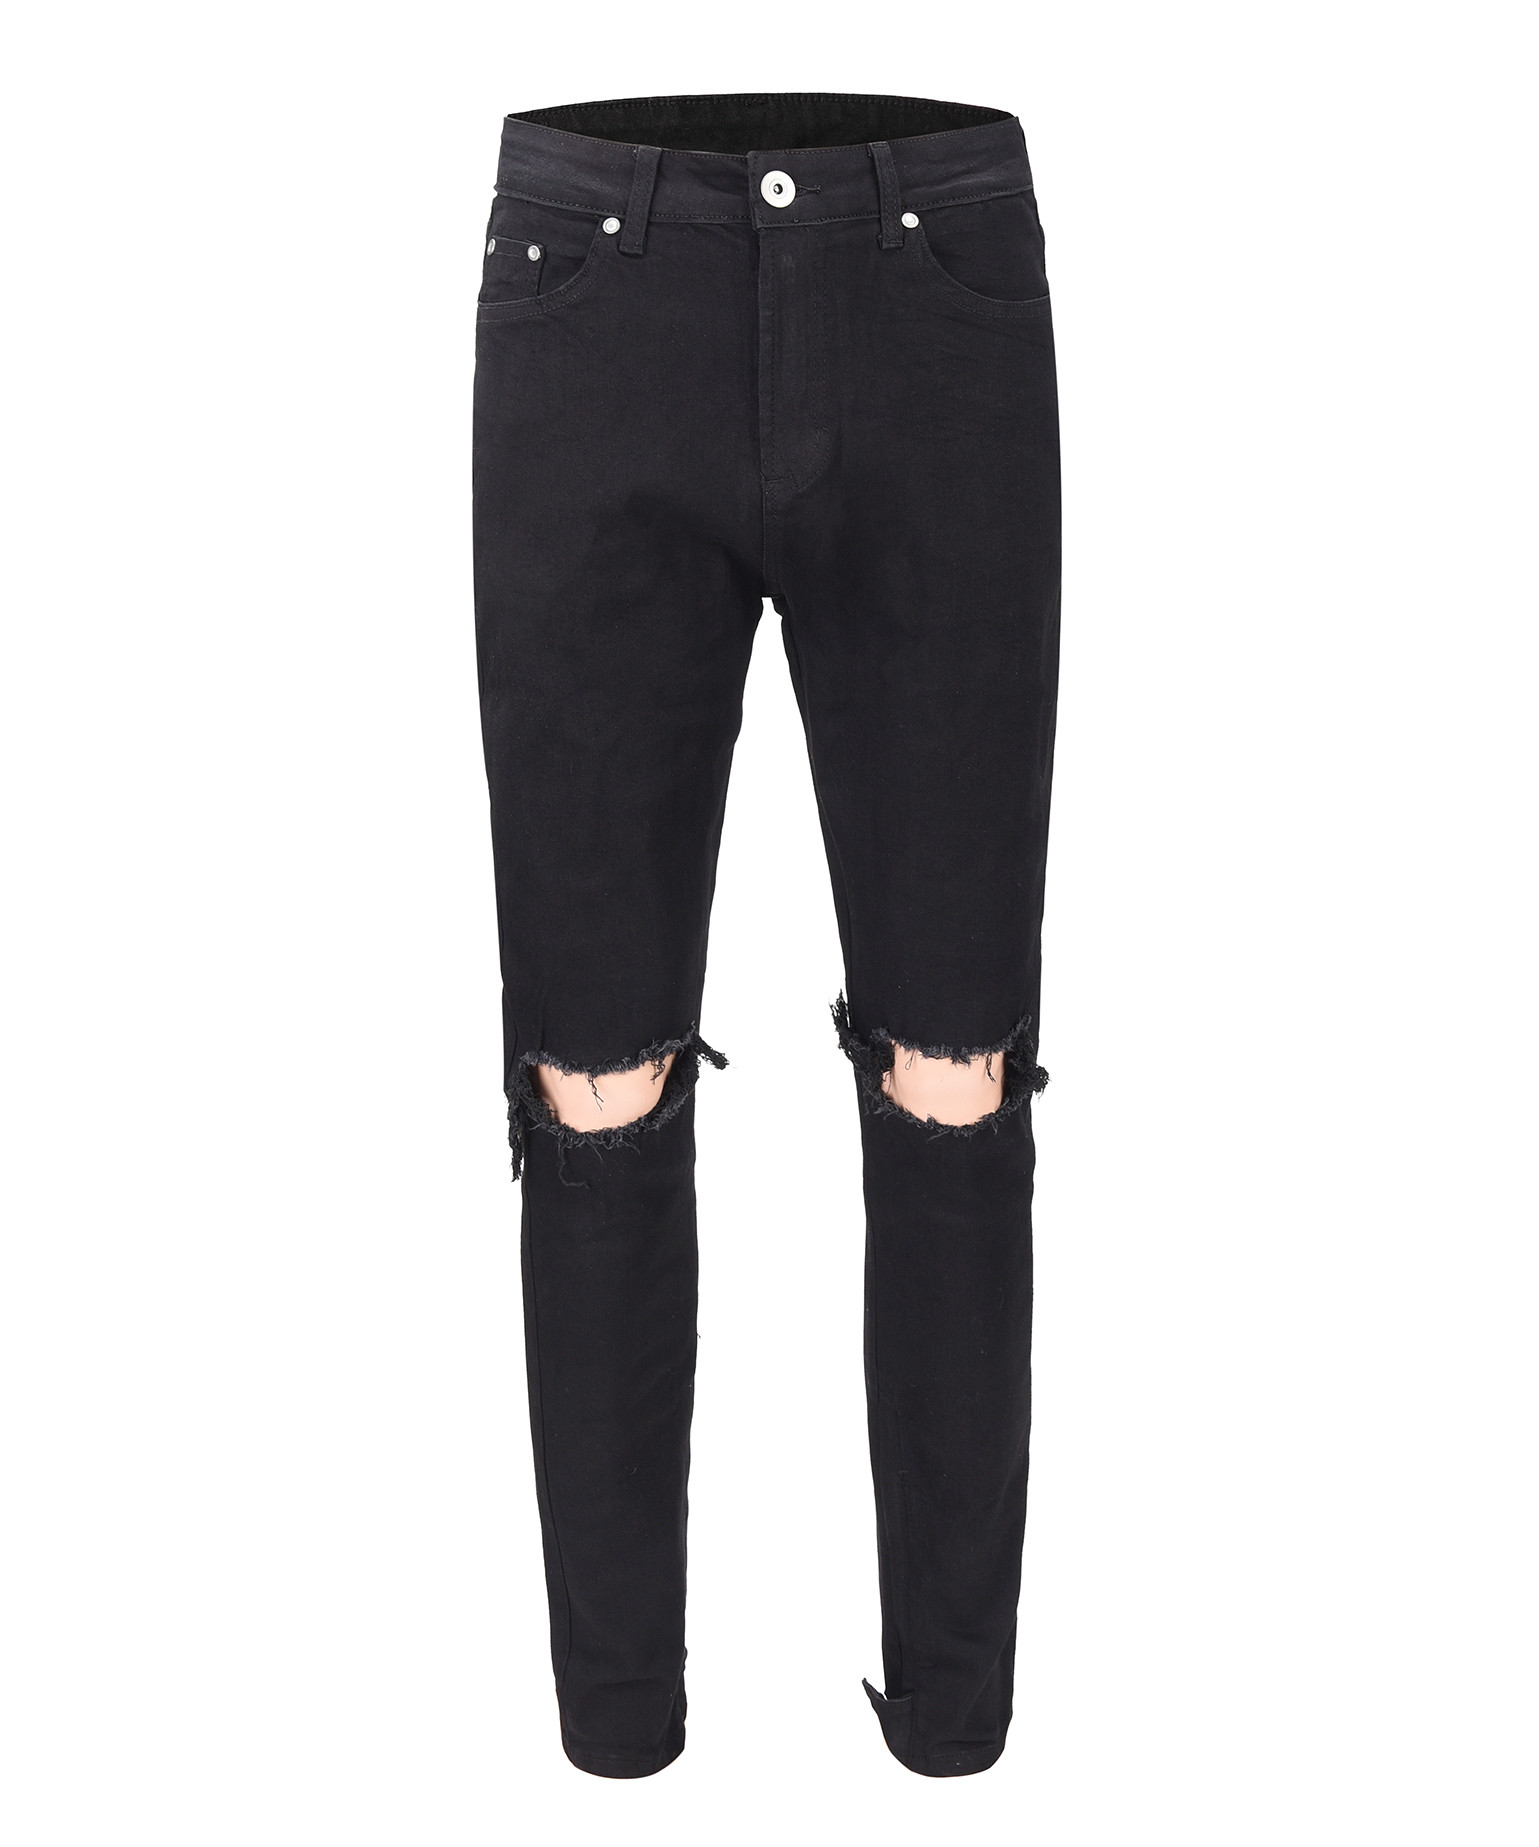 Ankle Zip Destroyed Jeans V2 - Black